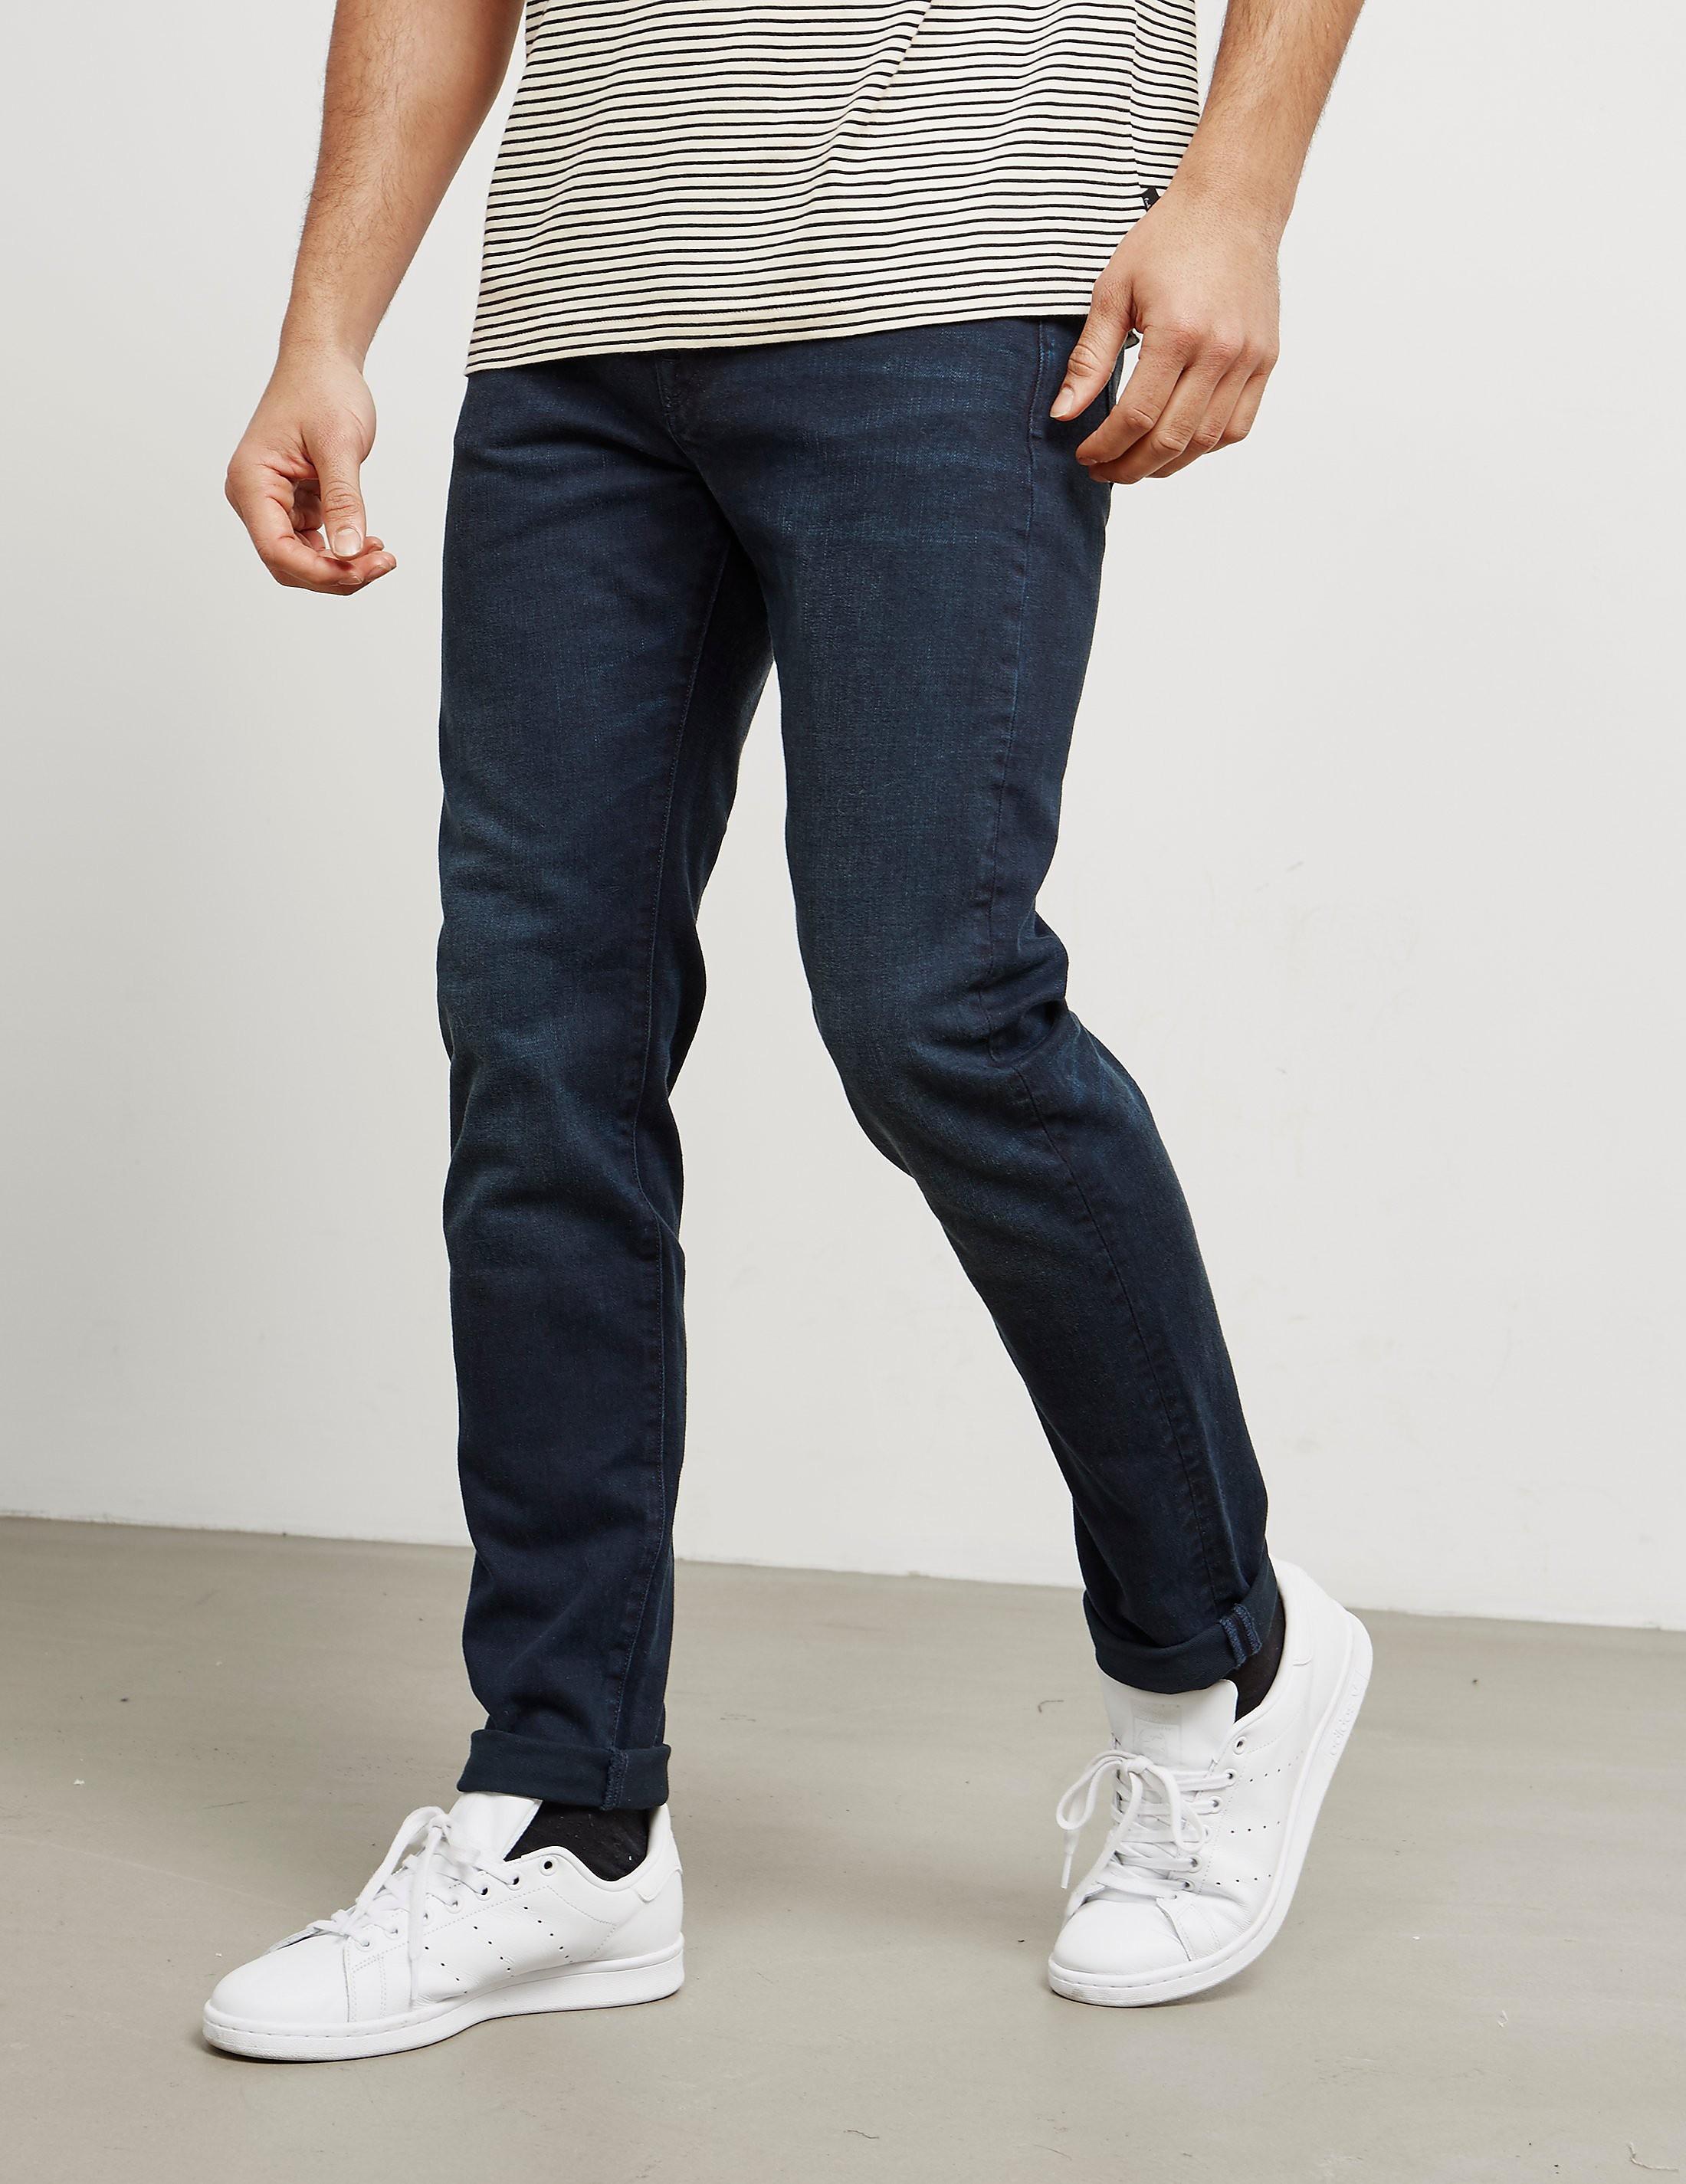 Paul Smith Slim Stretch Jeans